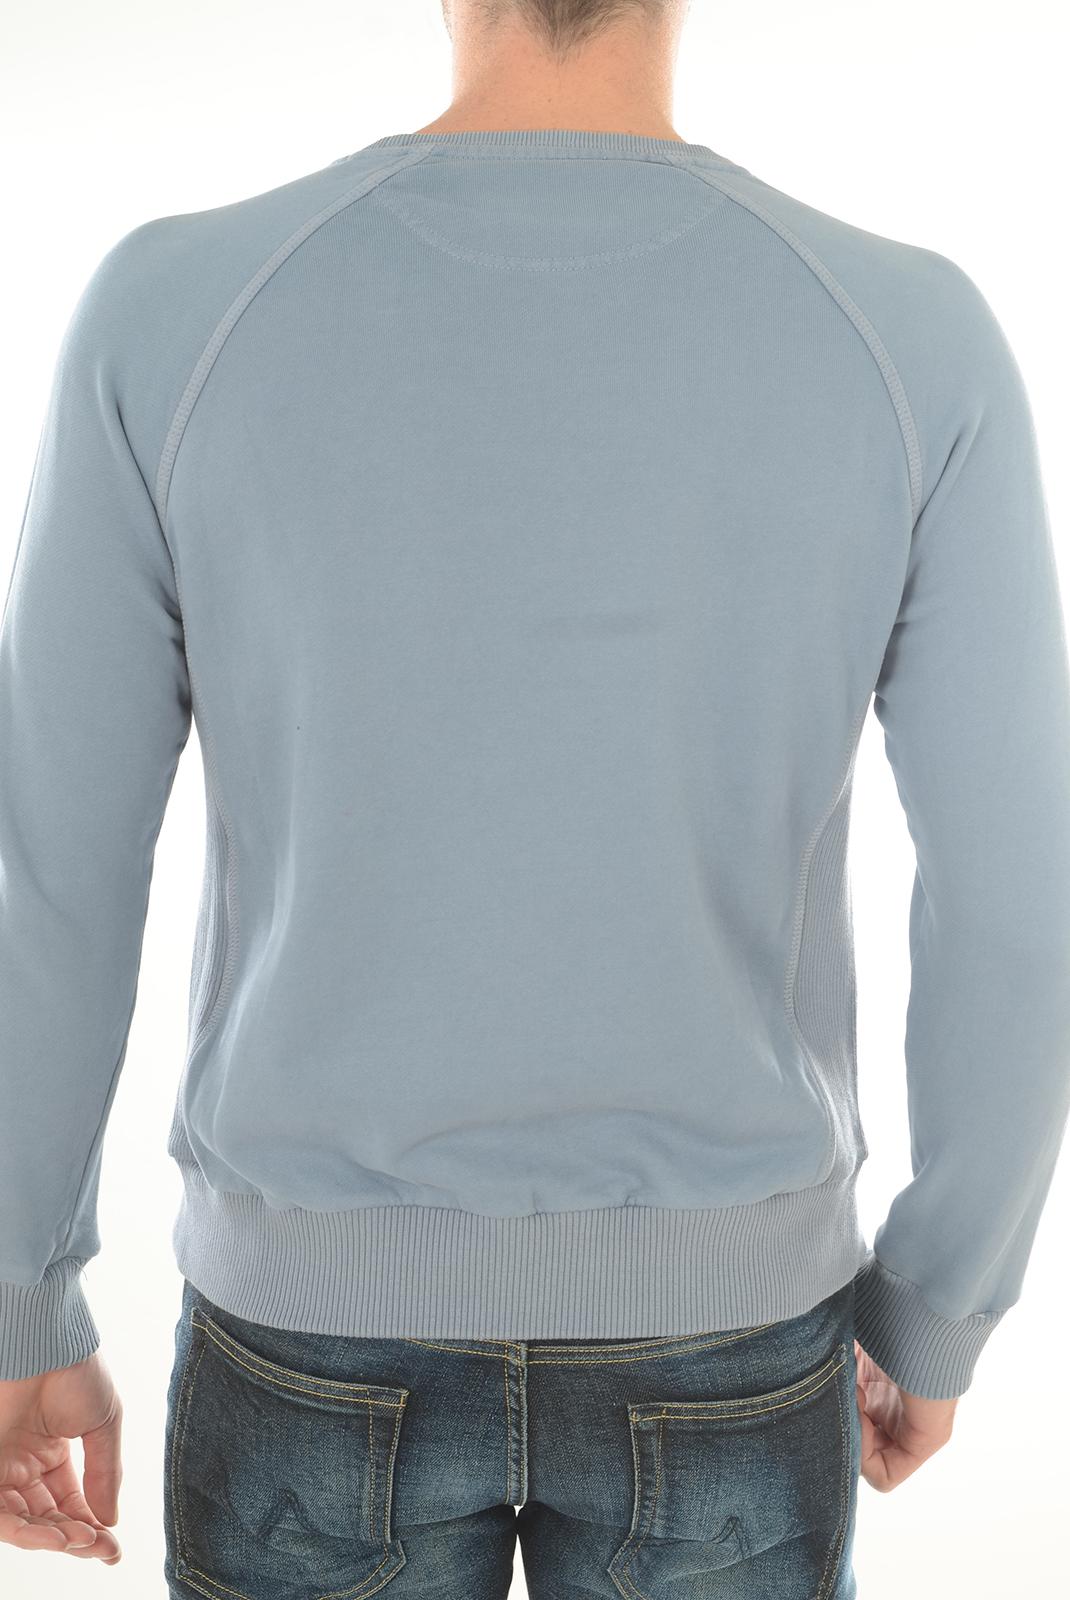 Sweatshirts  Meltin'pot MF014 BL11 BLEU